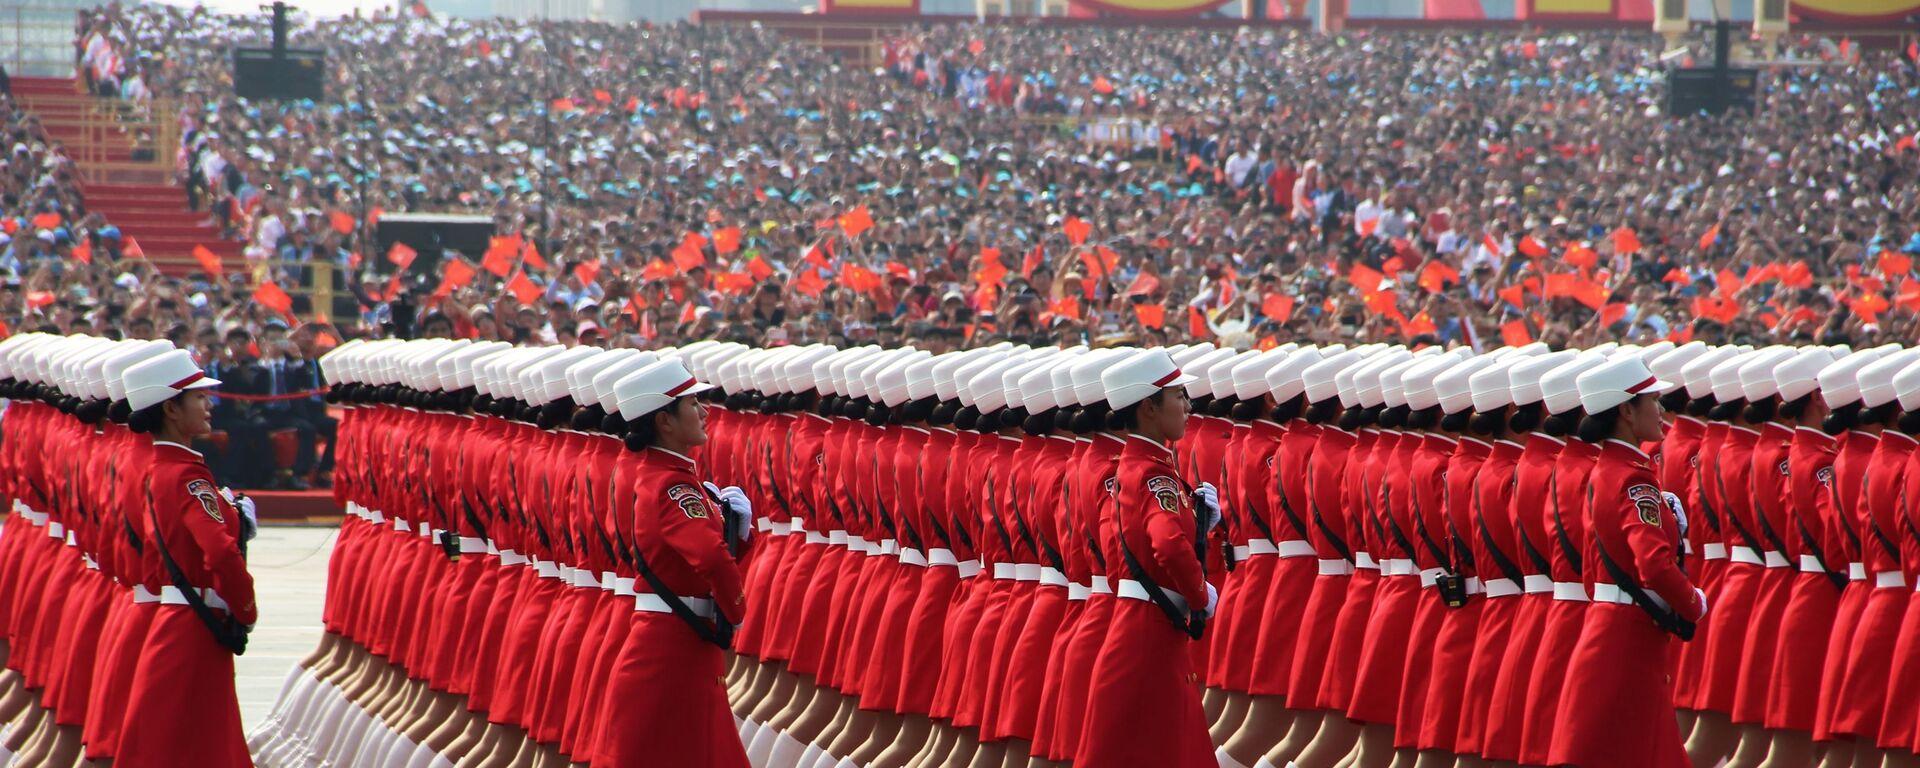 Proslava u Pekingu povodom obeležavanja 70 godina od osnivanja NR Kine  - Sputnik Srbija, 1920, 23.07.2021